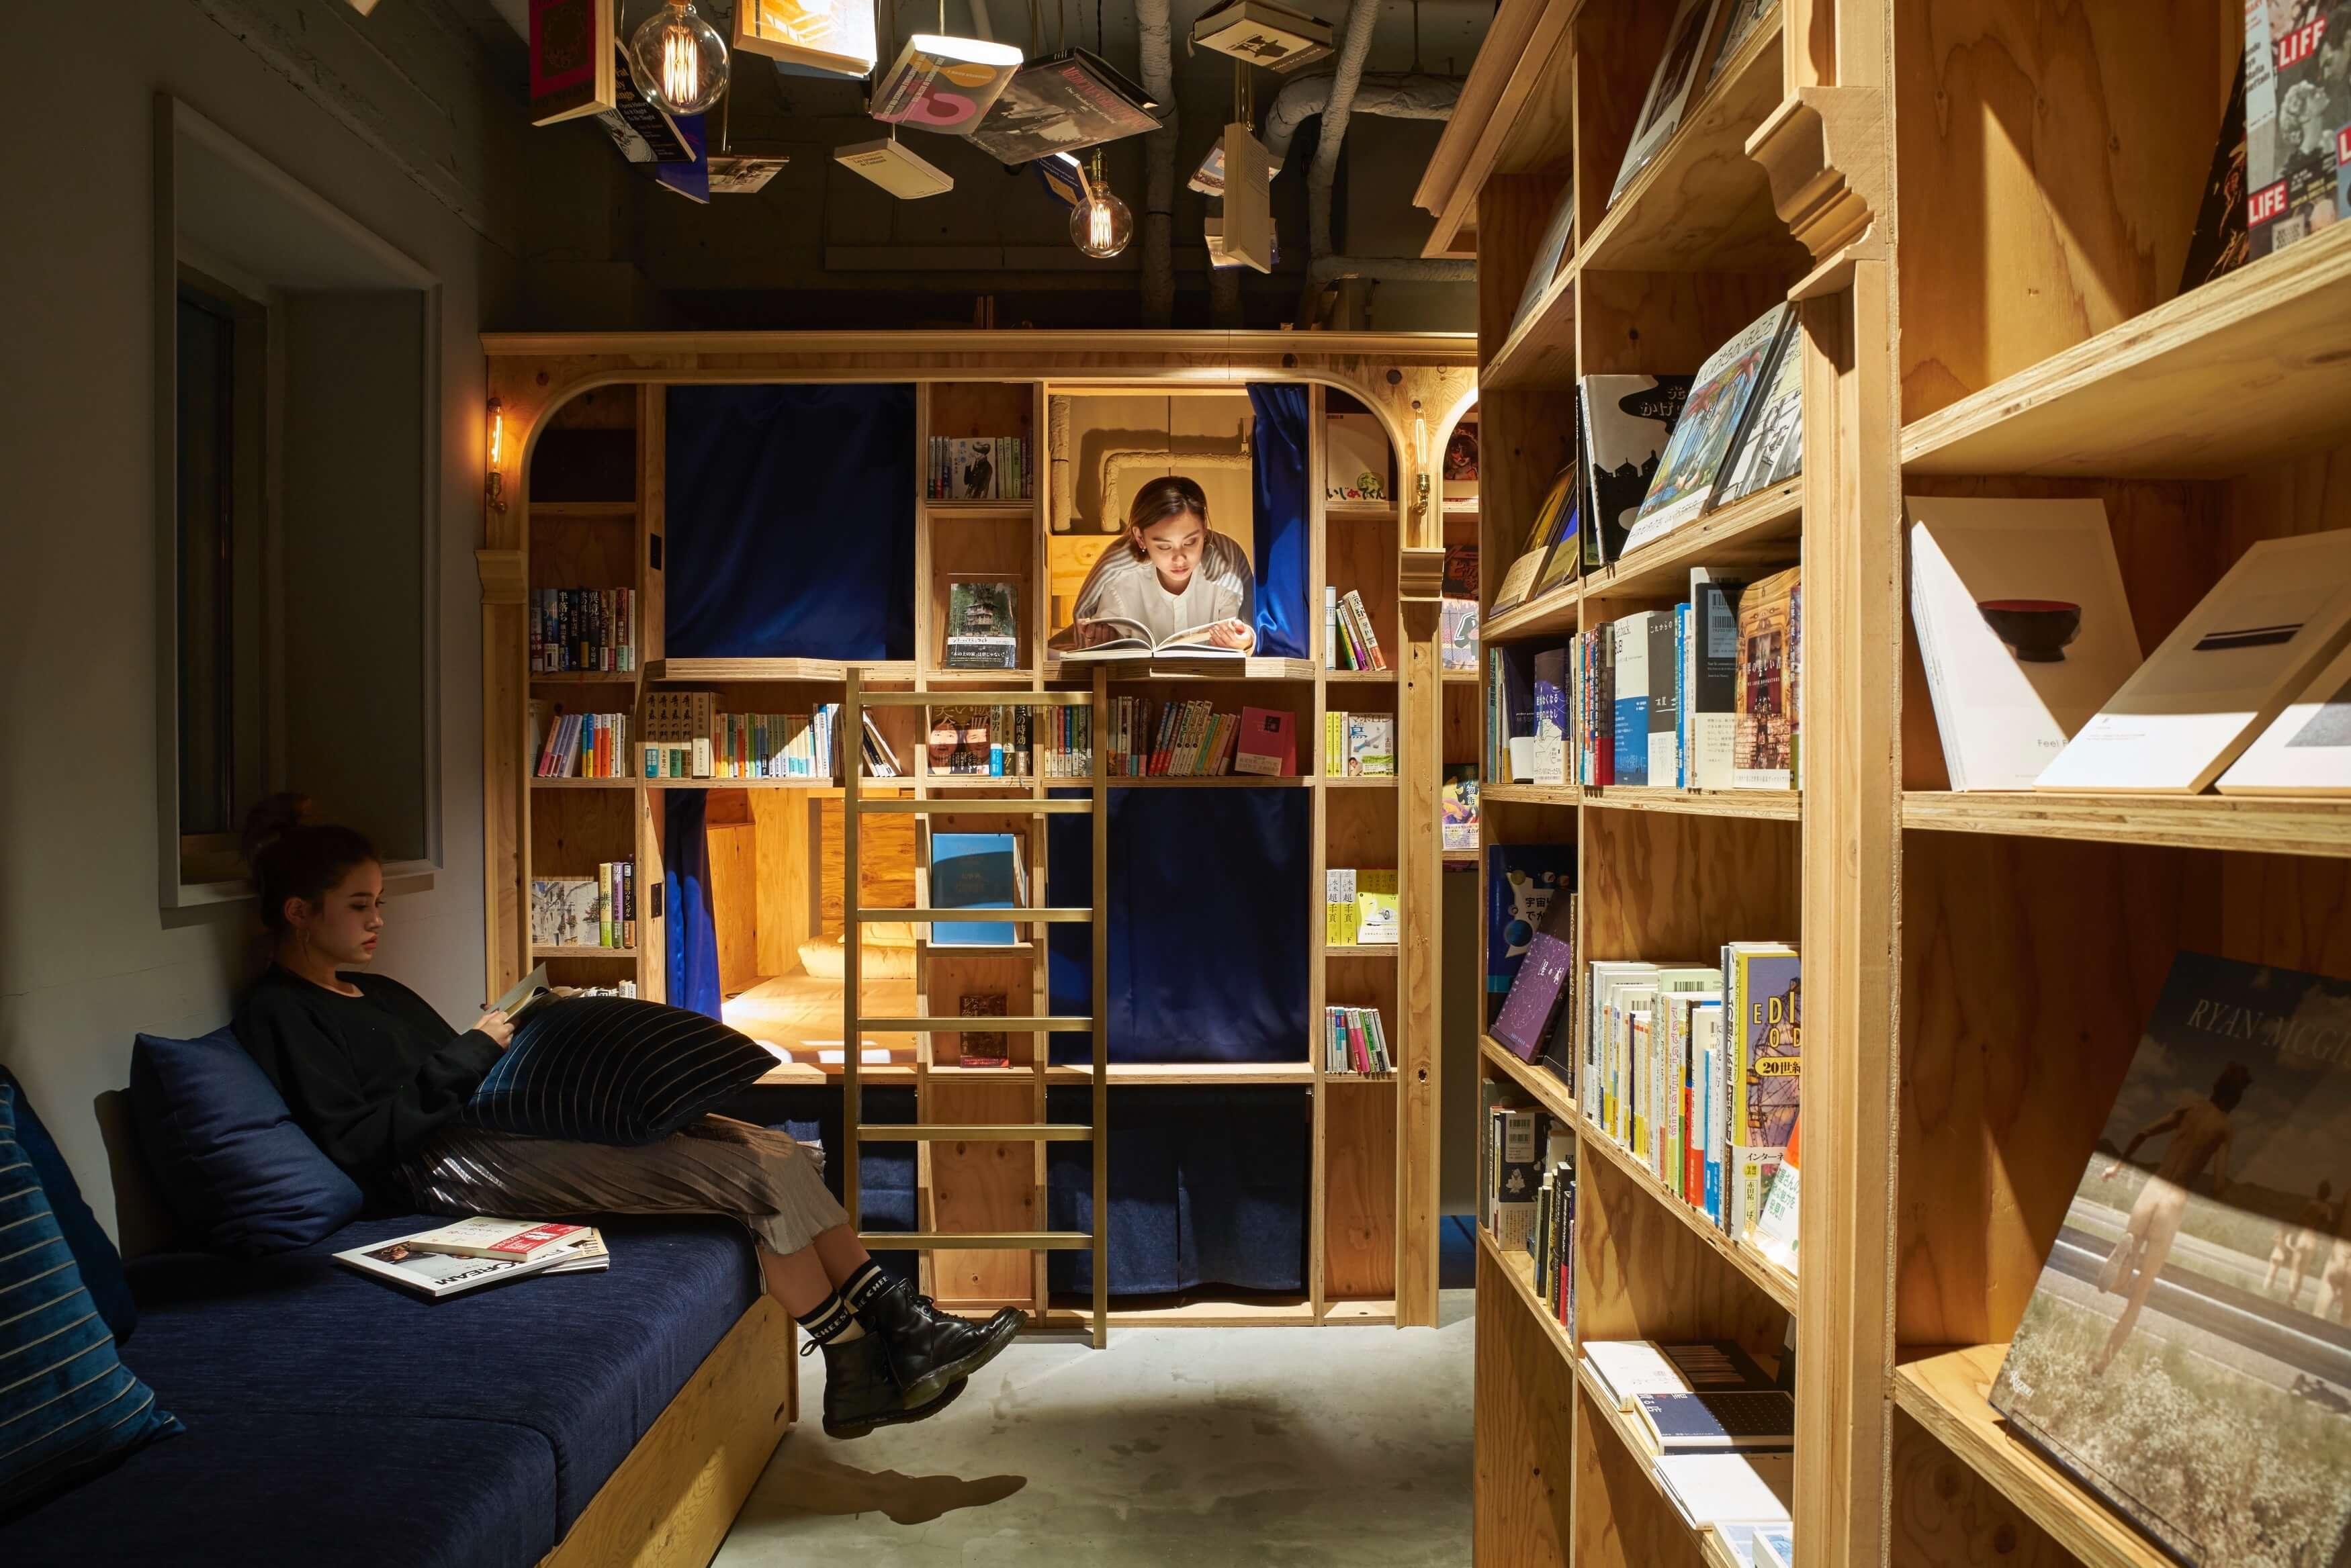 可以過夜的書店「BOOK AND BED TOKYO」今年秋天將於大阪・心齋橋開幕 住宿、在大阪、